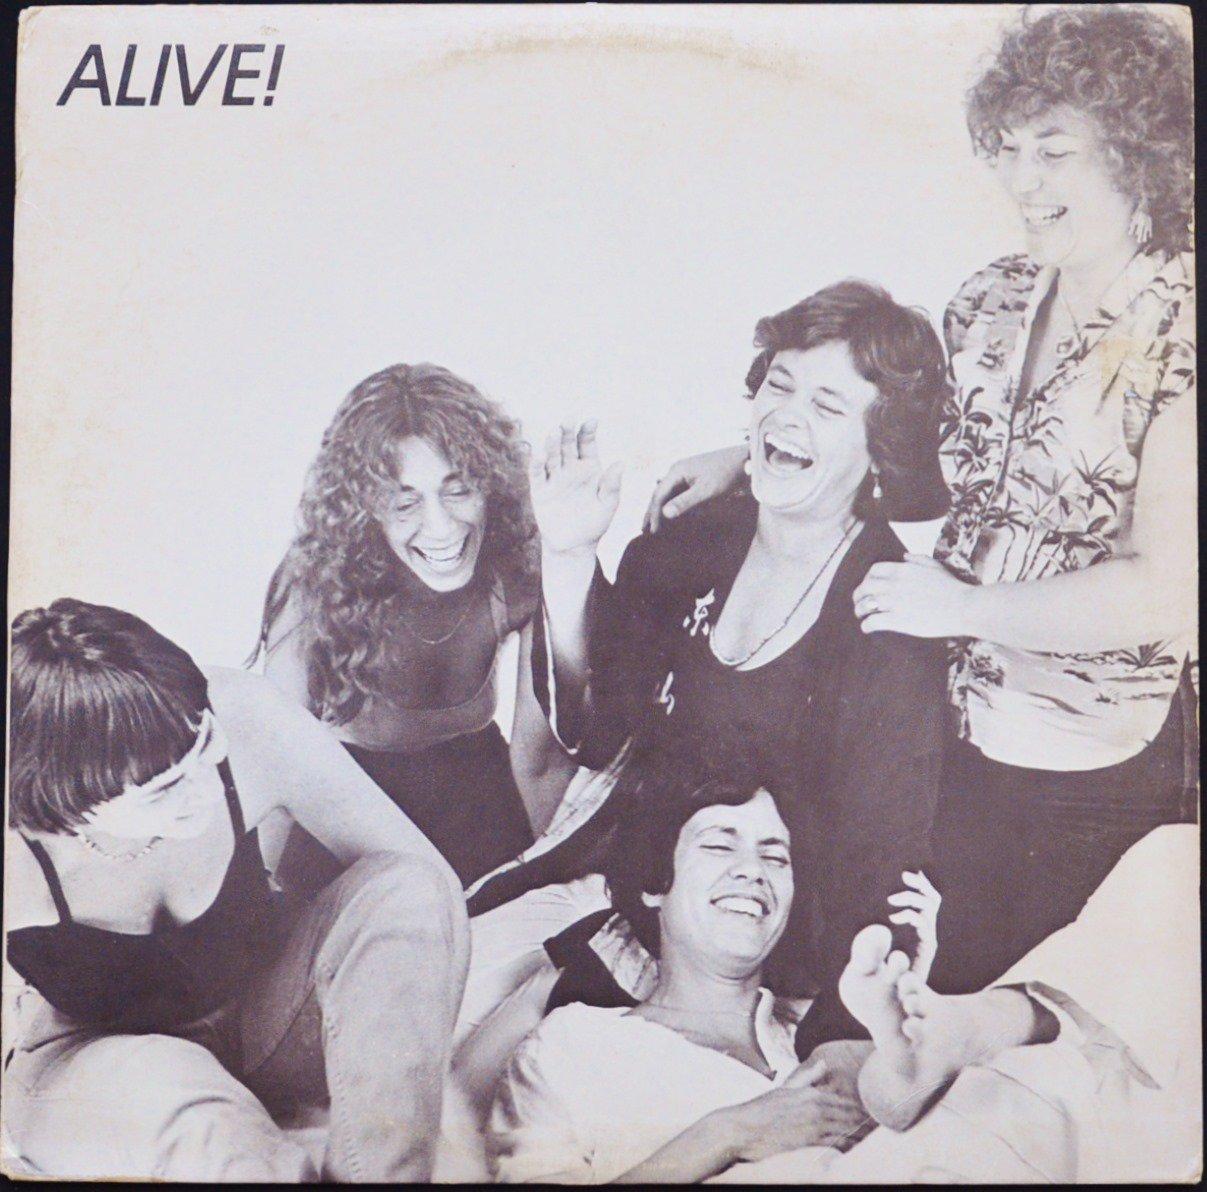 ALIVE! / ALIVE! (LP)